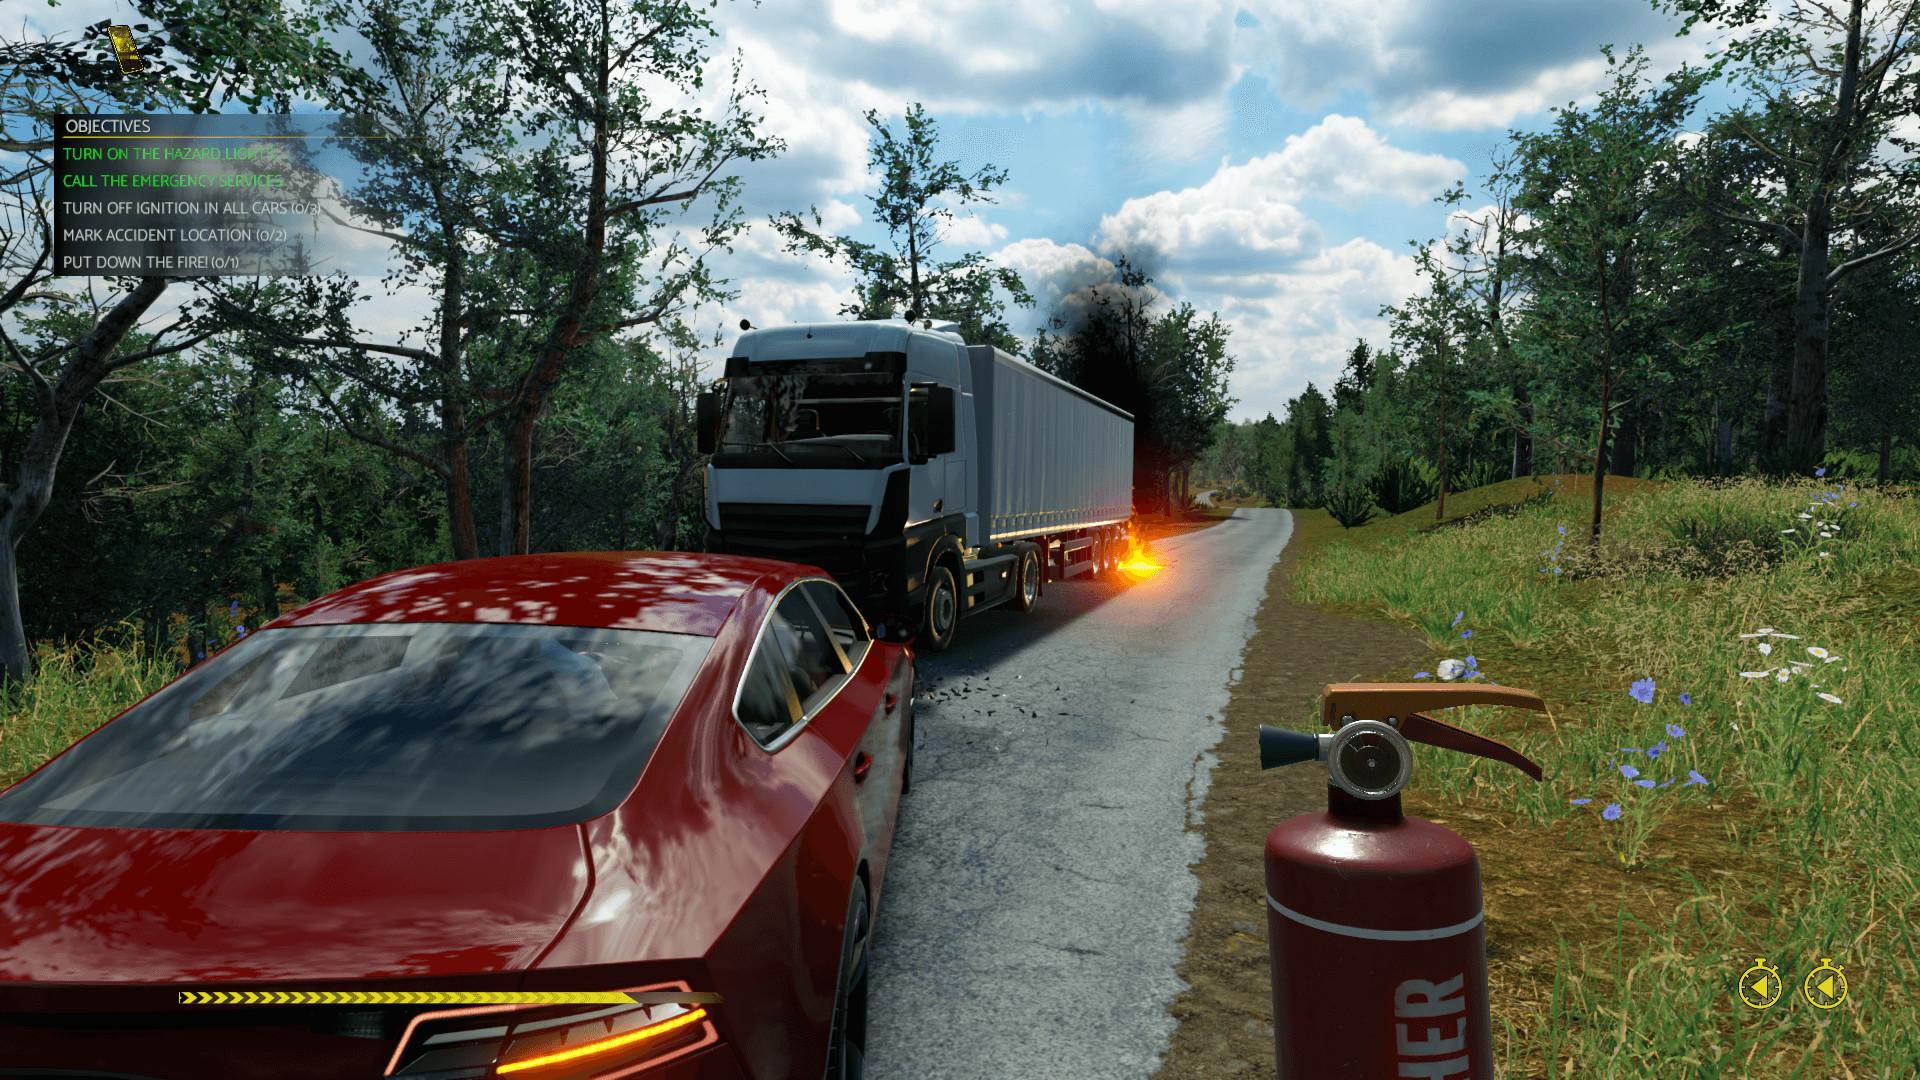 新作《车祸现场模拟器》将在10月16日发售:期待!截图